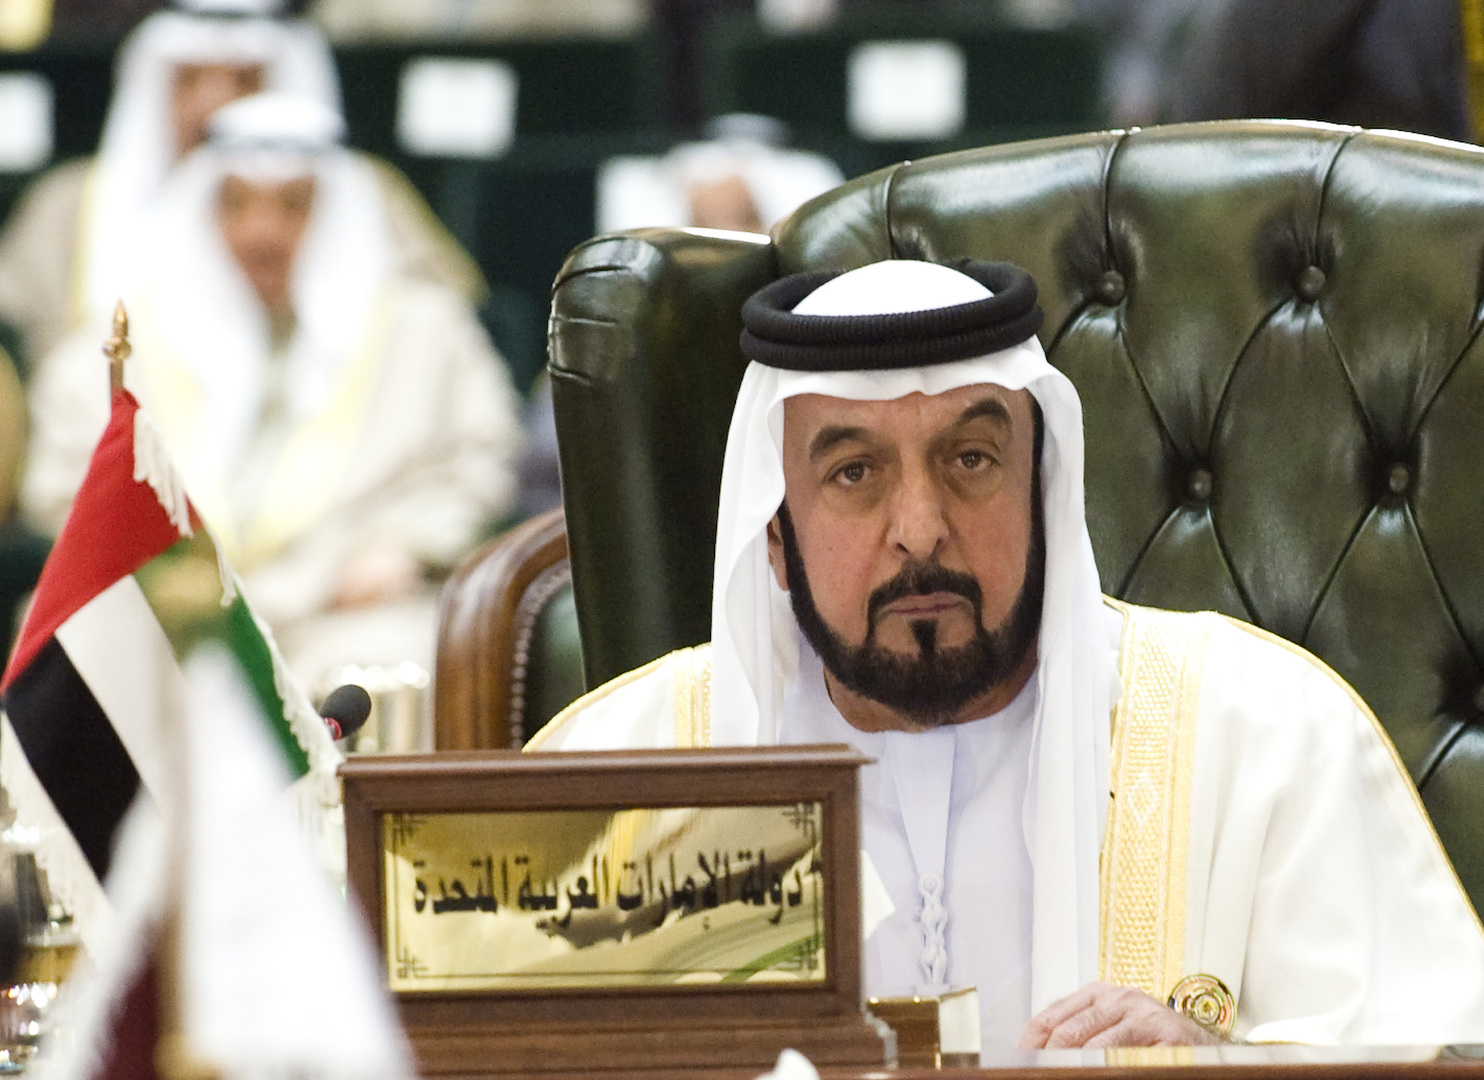 رئيس الإمارات ونائبه محمد بن زايد وحاكم دبي يبعثون رسائل إلى الرئيس السوري